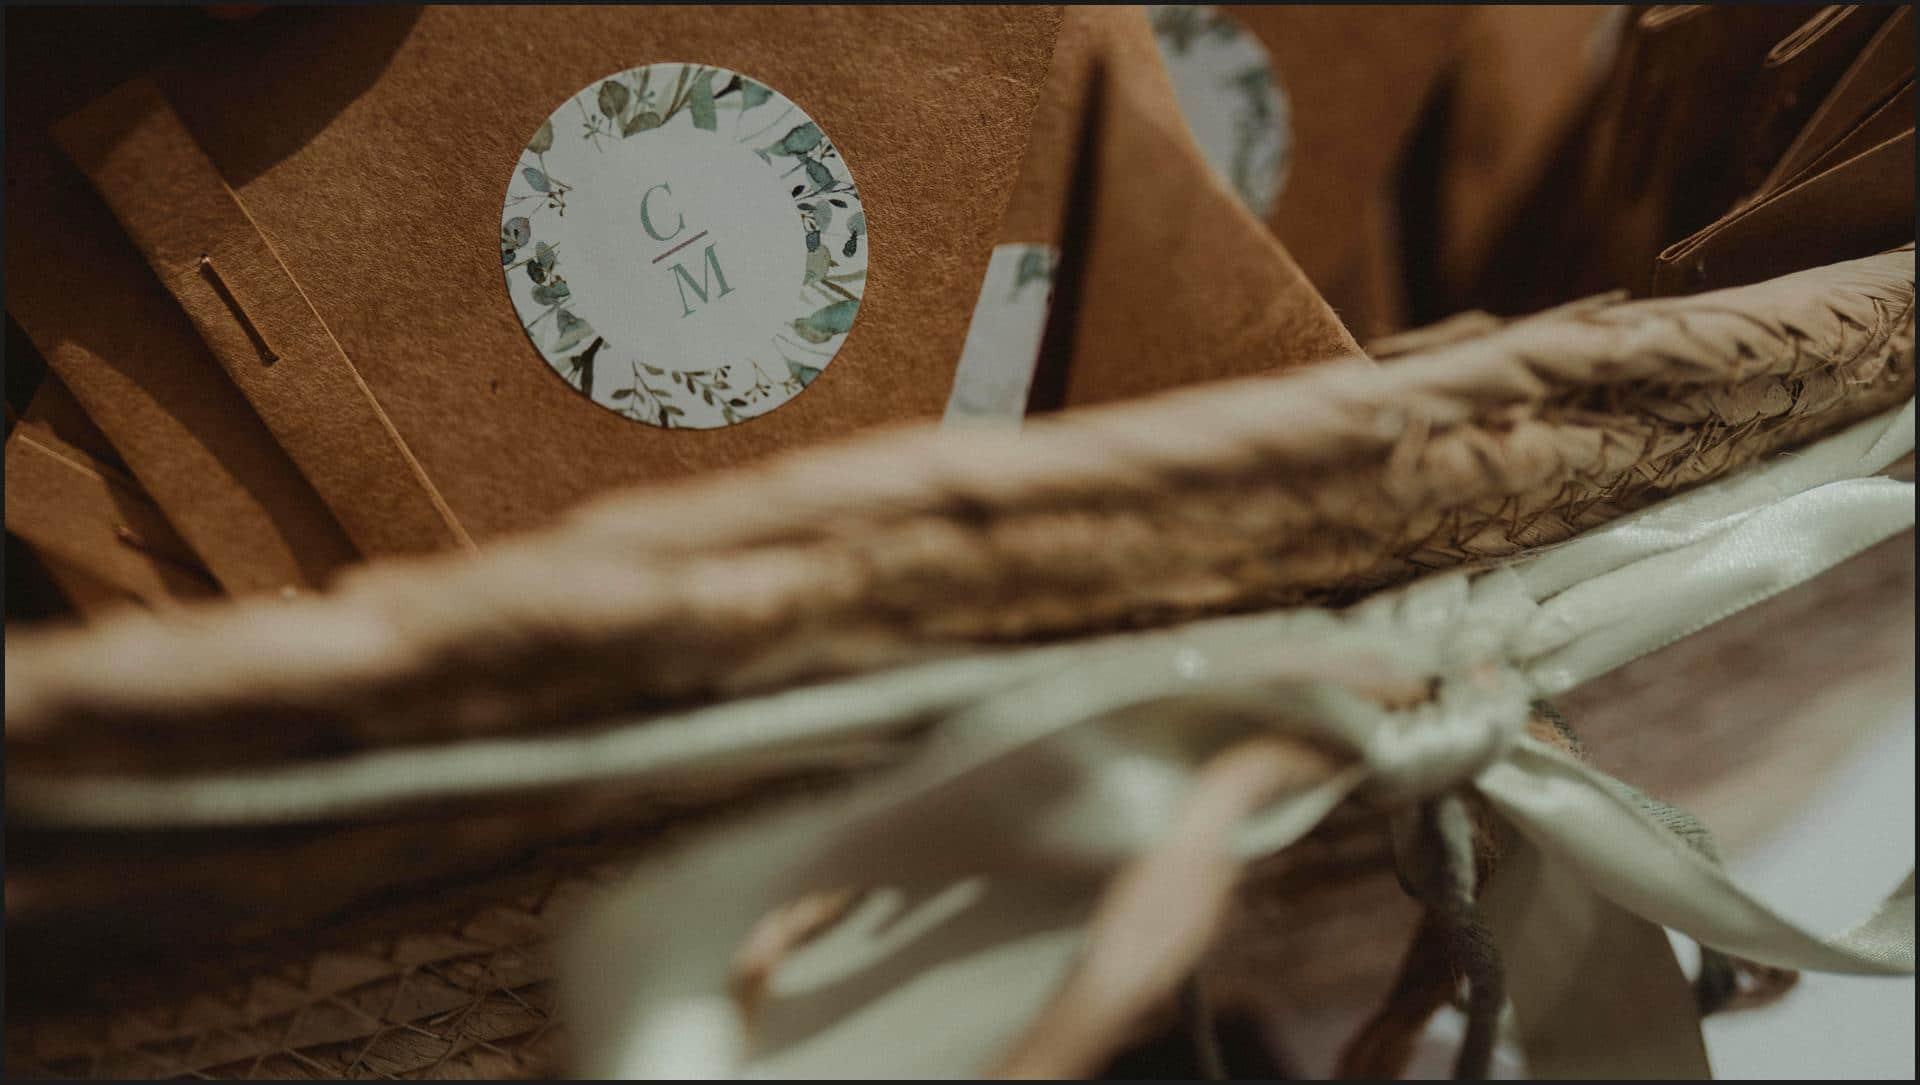 borgo di tragliata, wedding, rome, wedding in rome, details